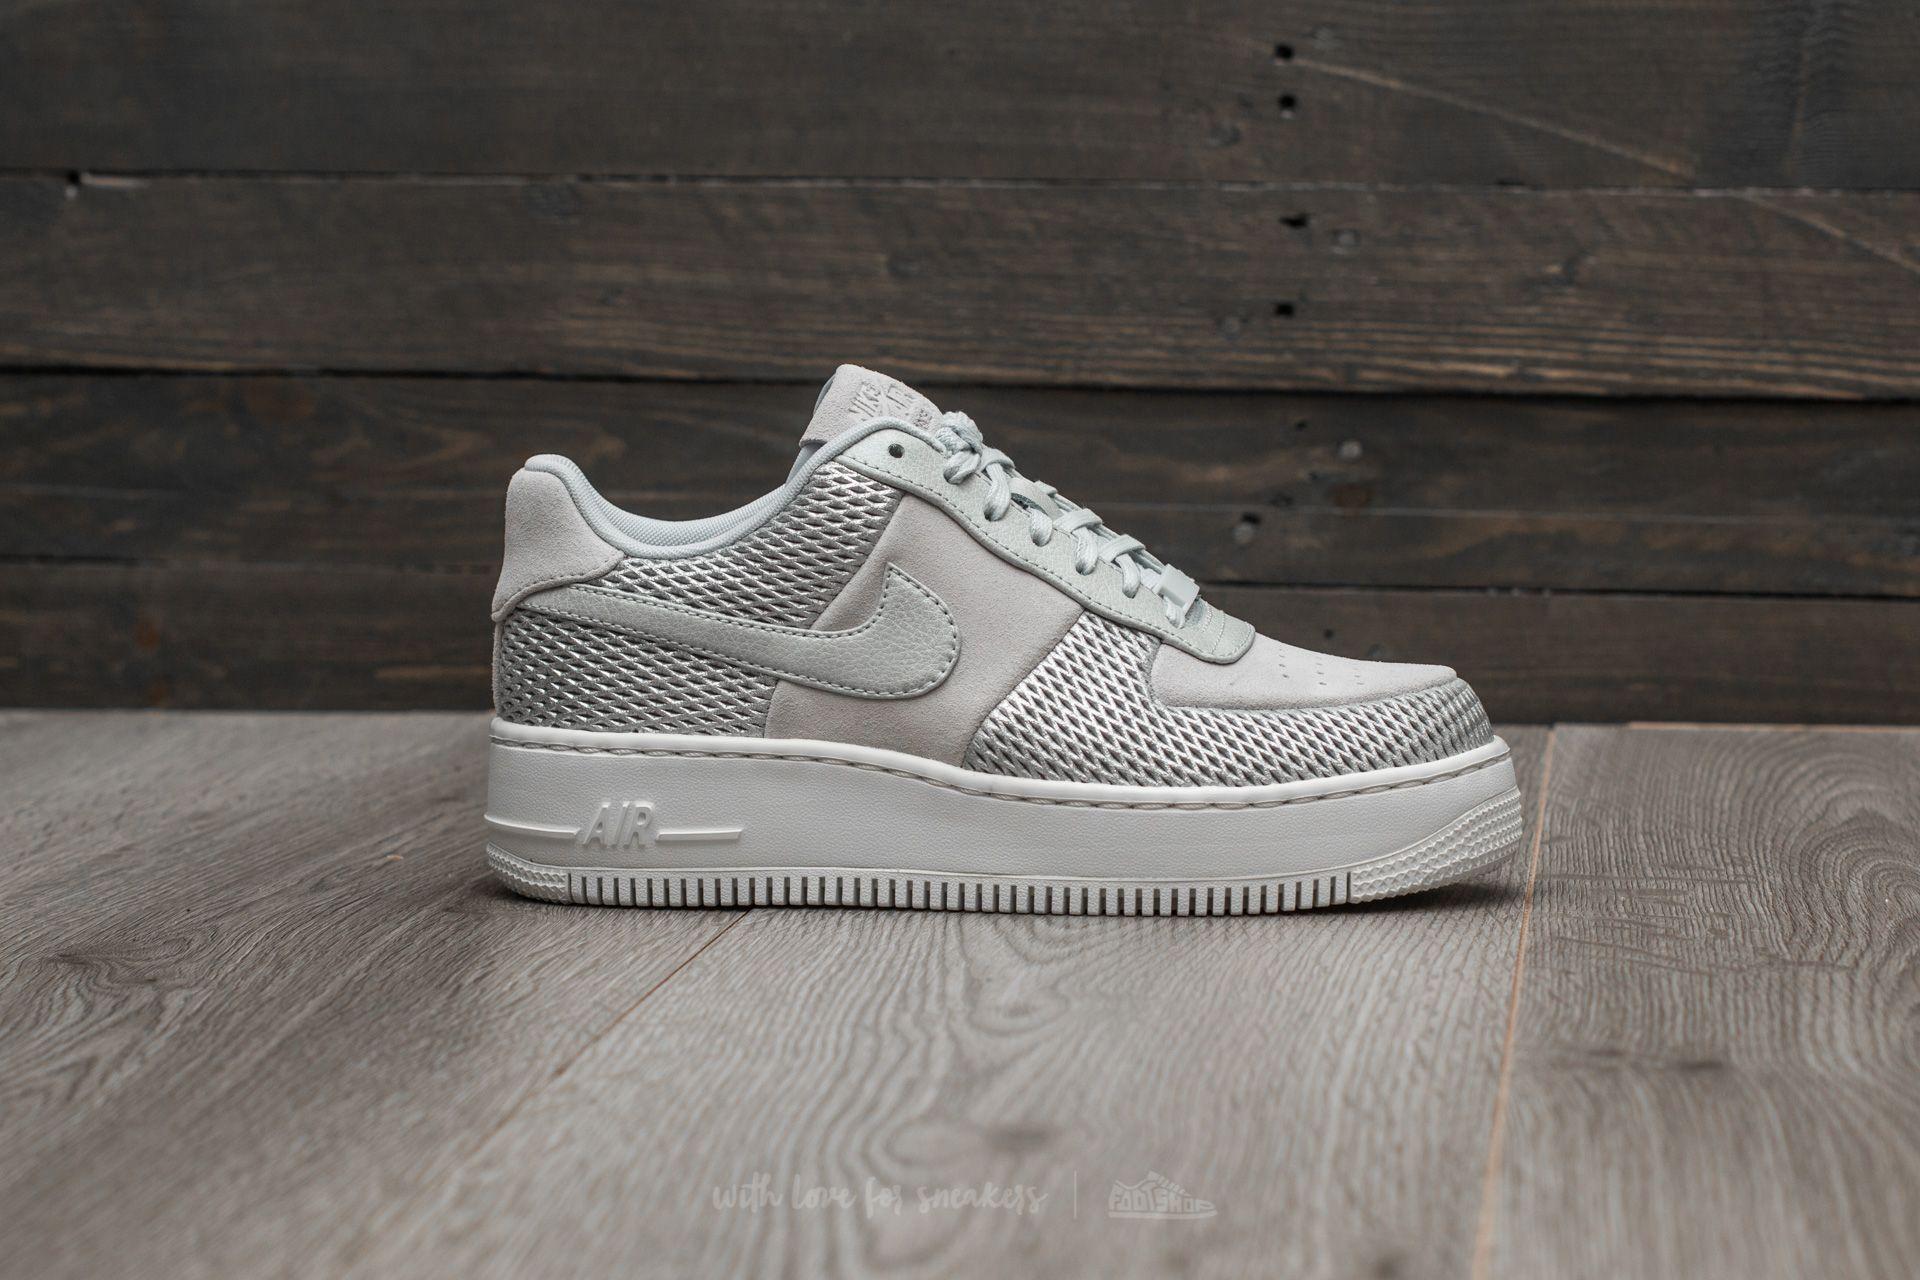 Nike Air Force 1 Upstep Premium Low